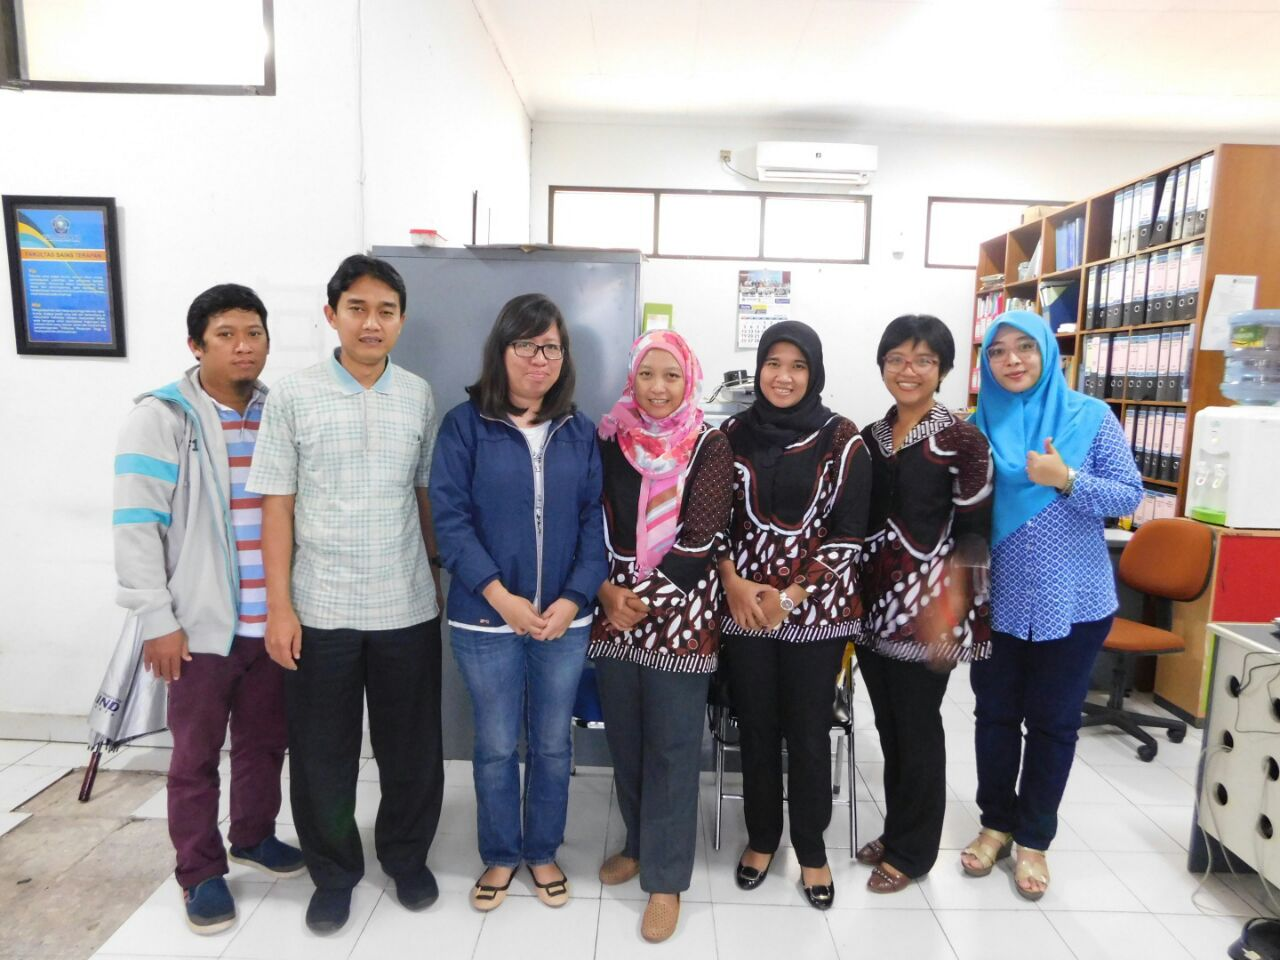 Kunjungan dari Program Studi Matematika-Statistika Universitas Bina Nusantara Jakarta